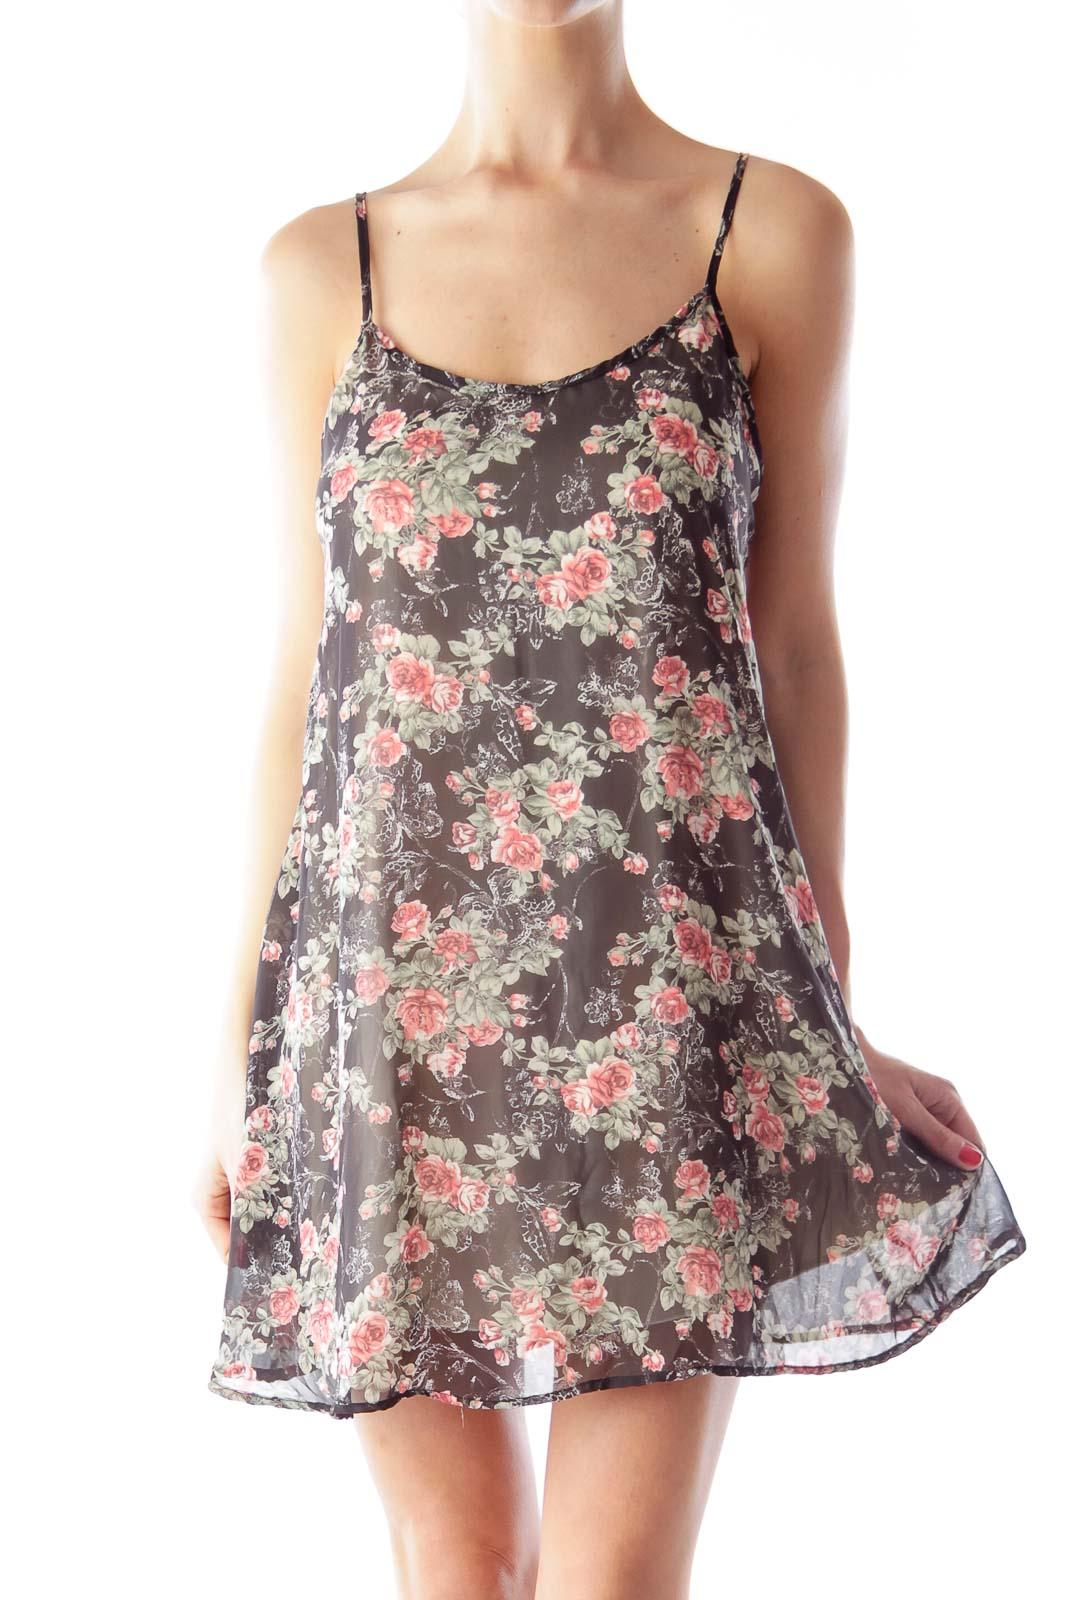 Floral A Line Mini Dress Front